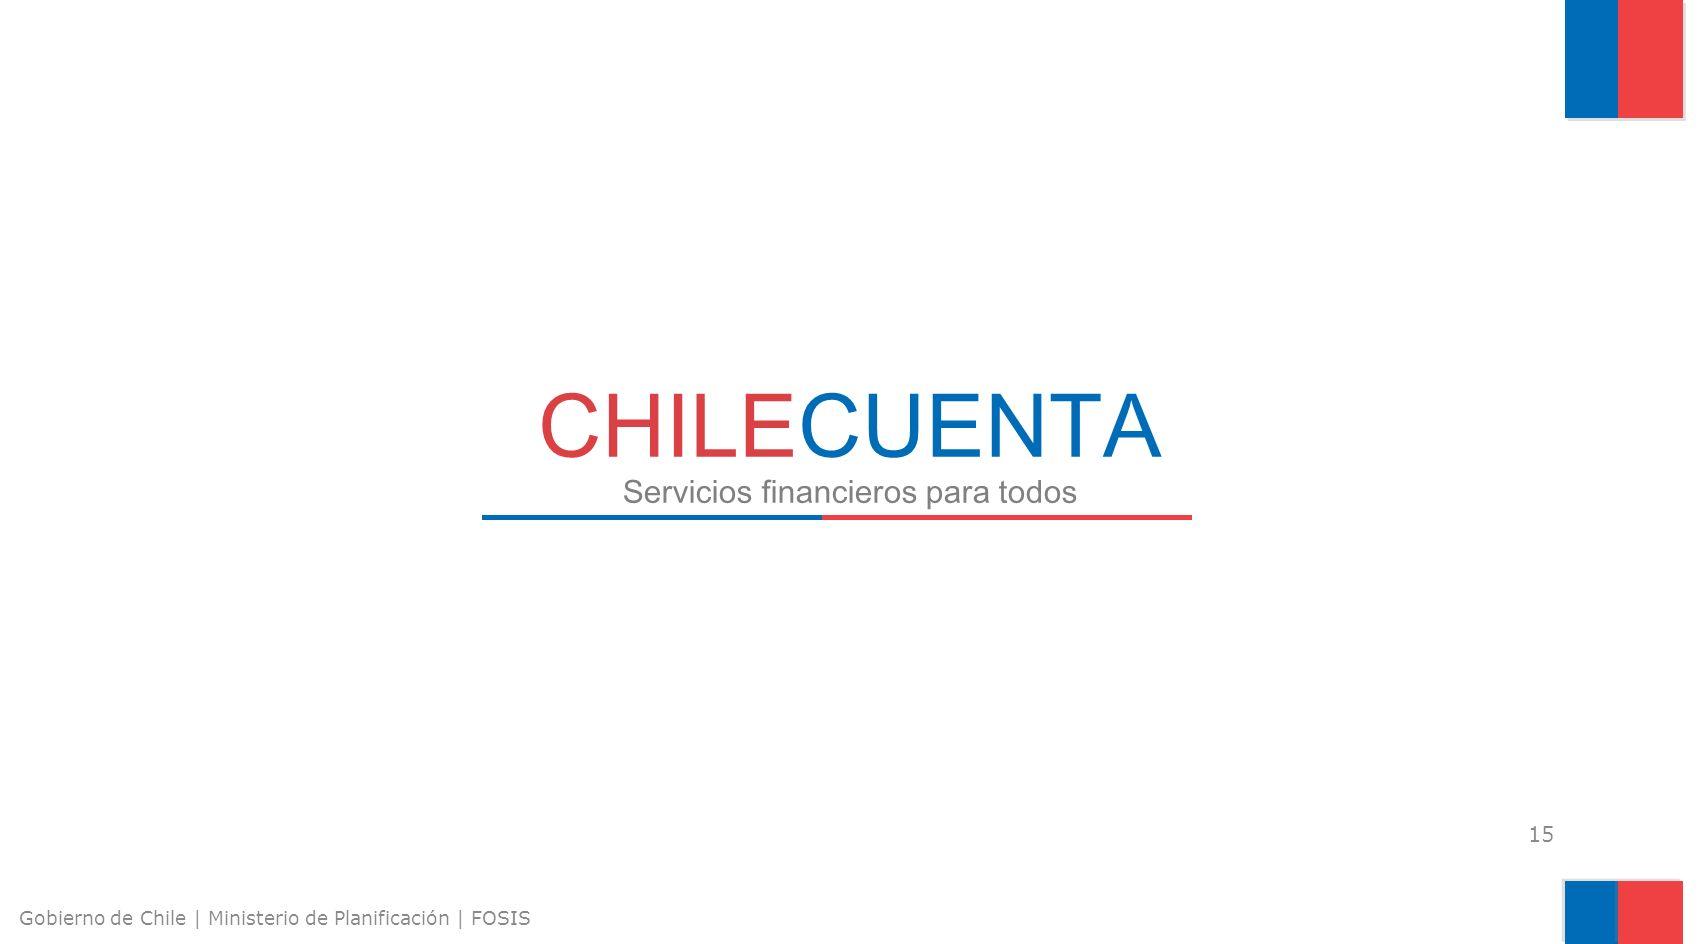 15 Gobierno de Chile | Ministerio de Planificación | FOSIS CHILECUENTA Servicios financieros para todos